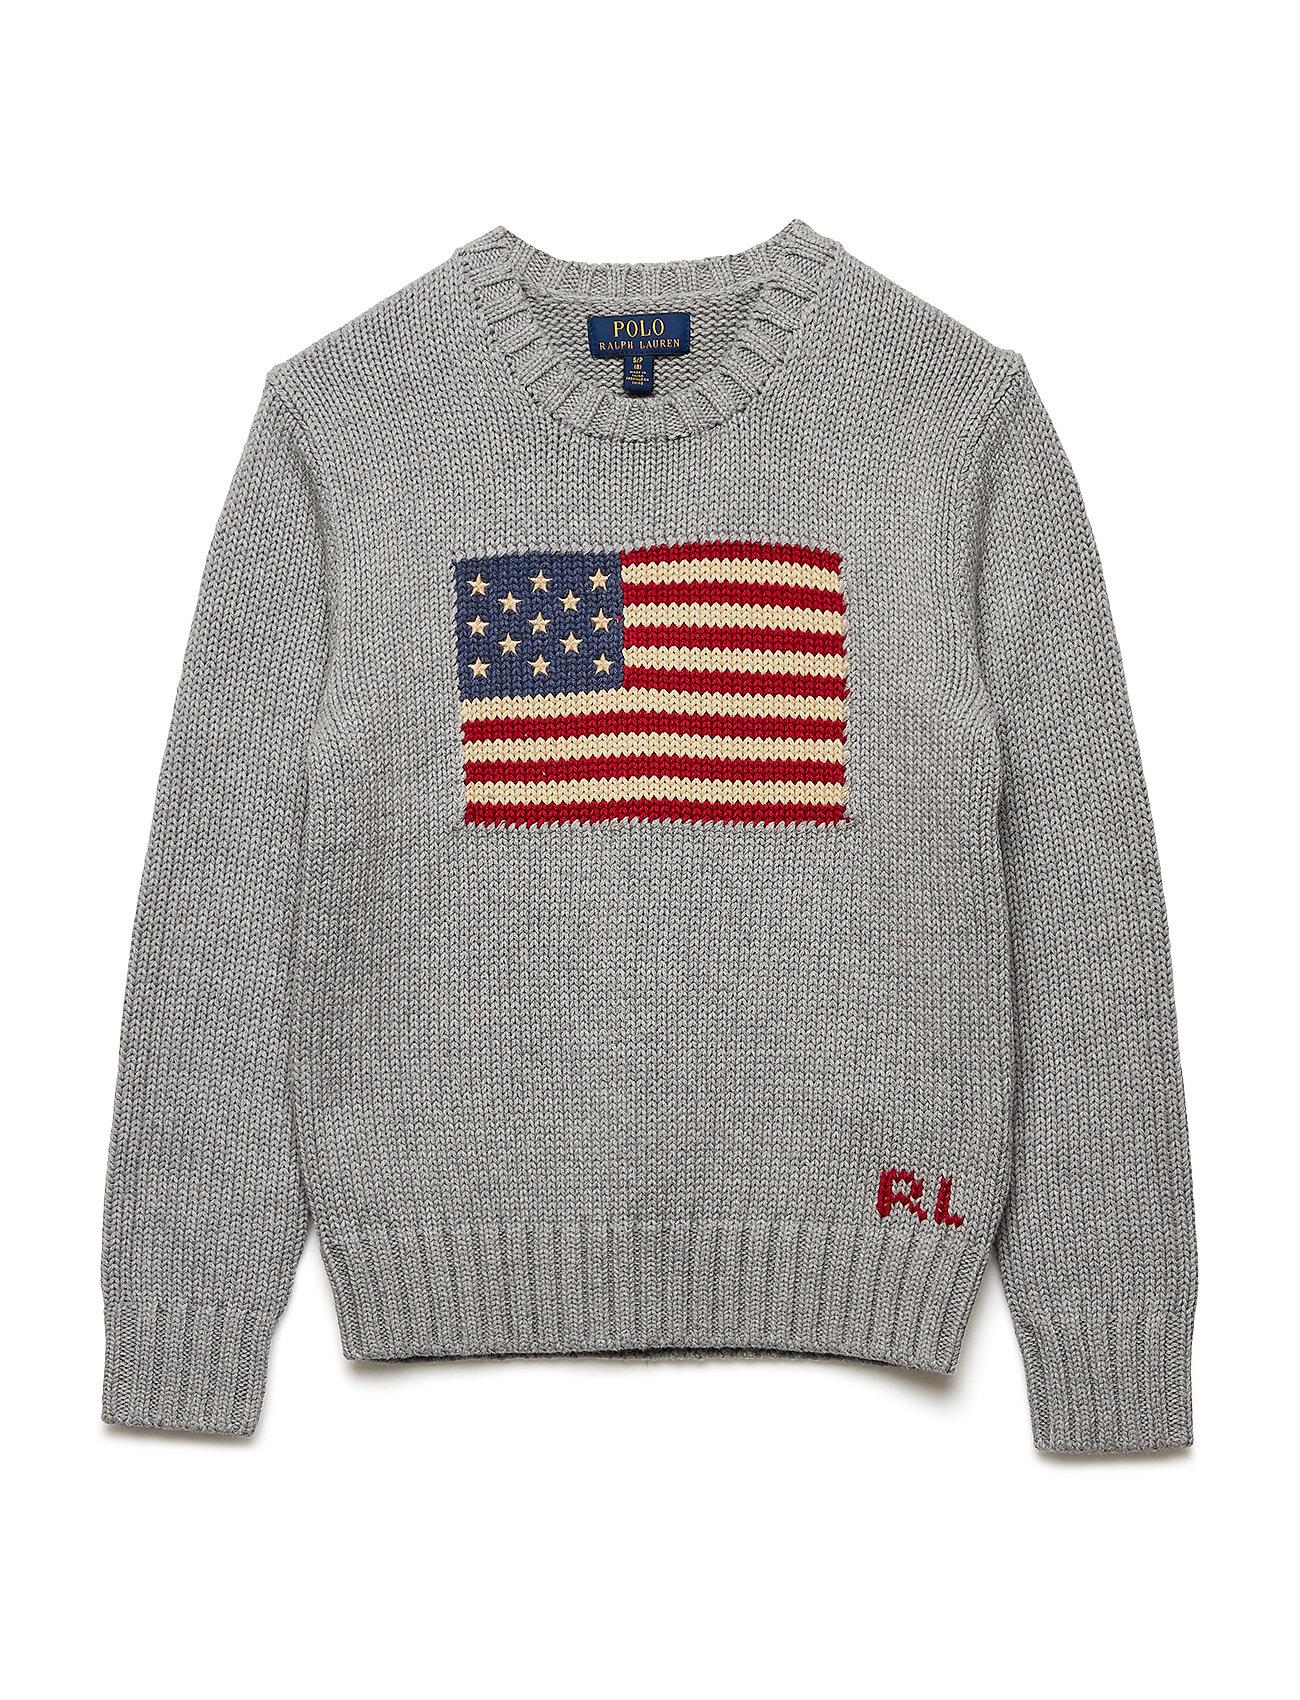 Ralph Lauren Kids Flag Cotton Crewneck Sweater - ANDOVER HEATHER